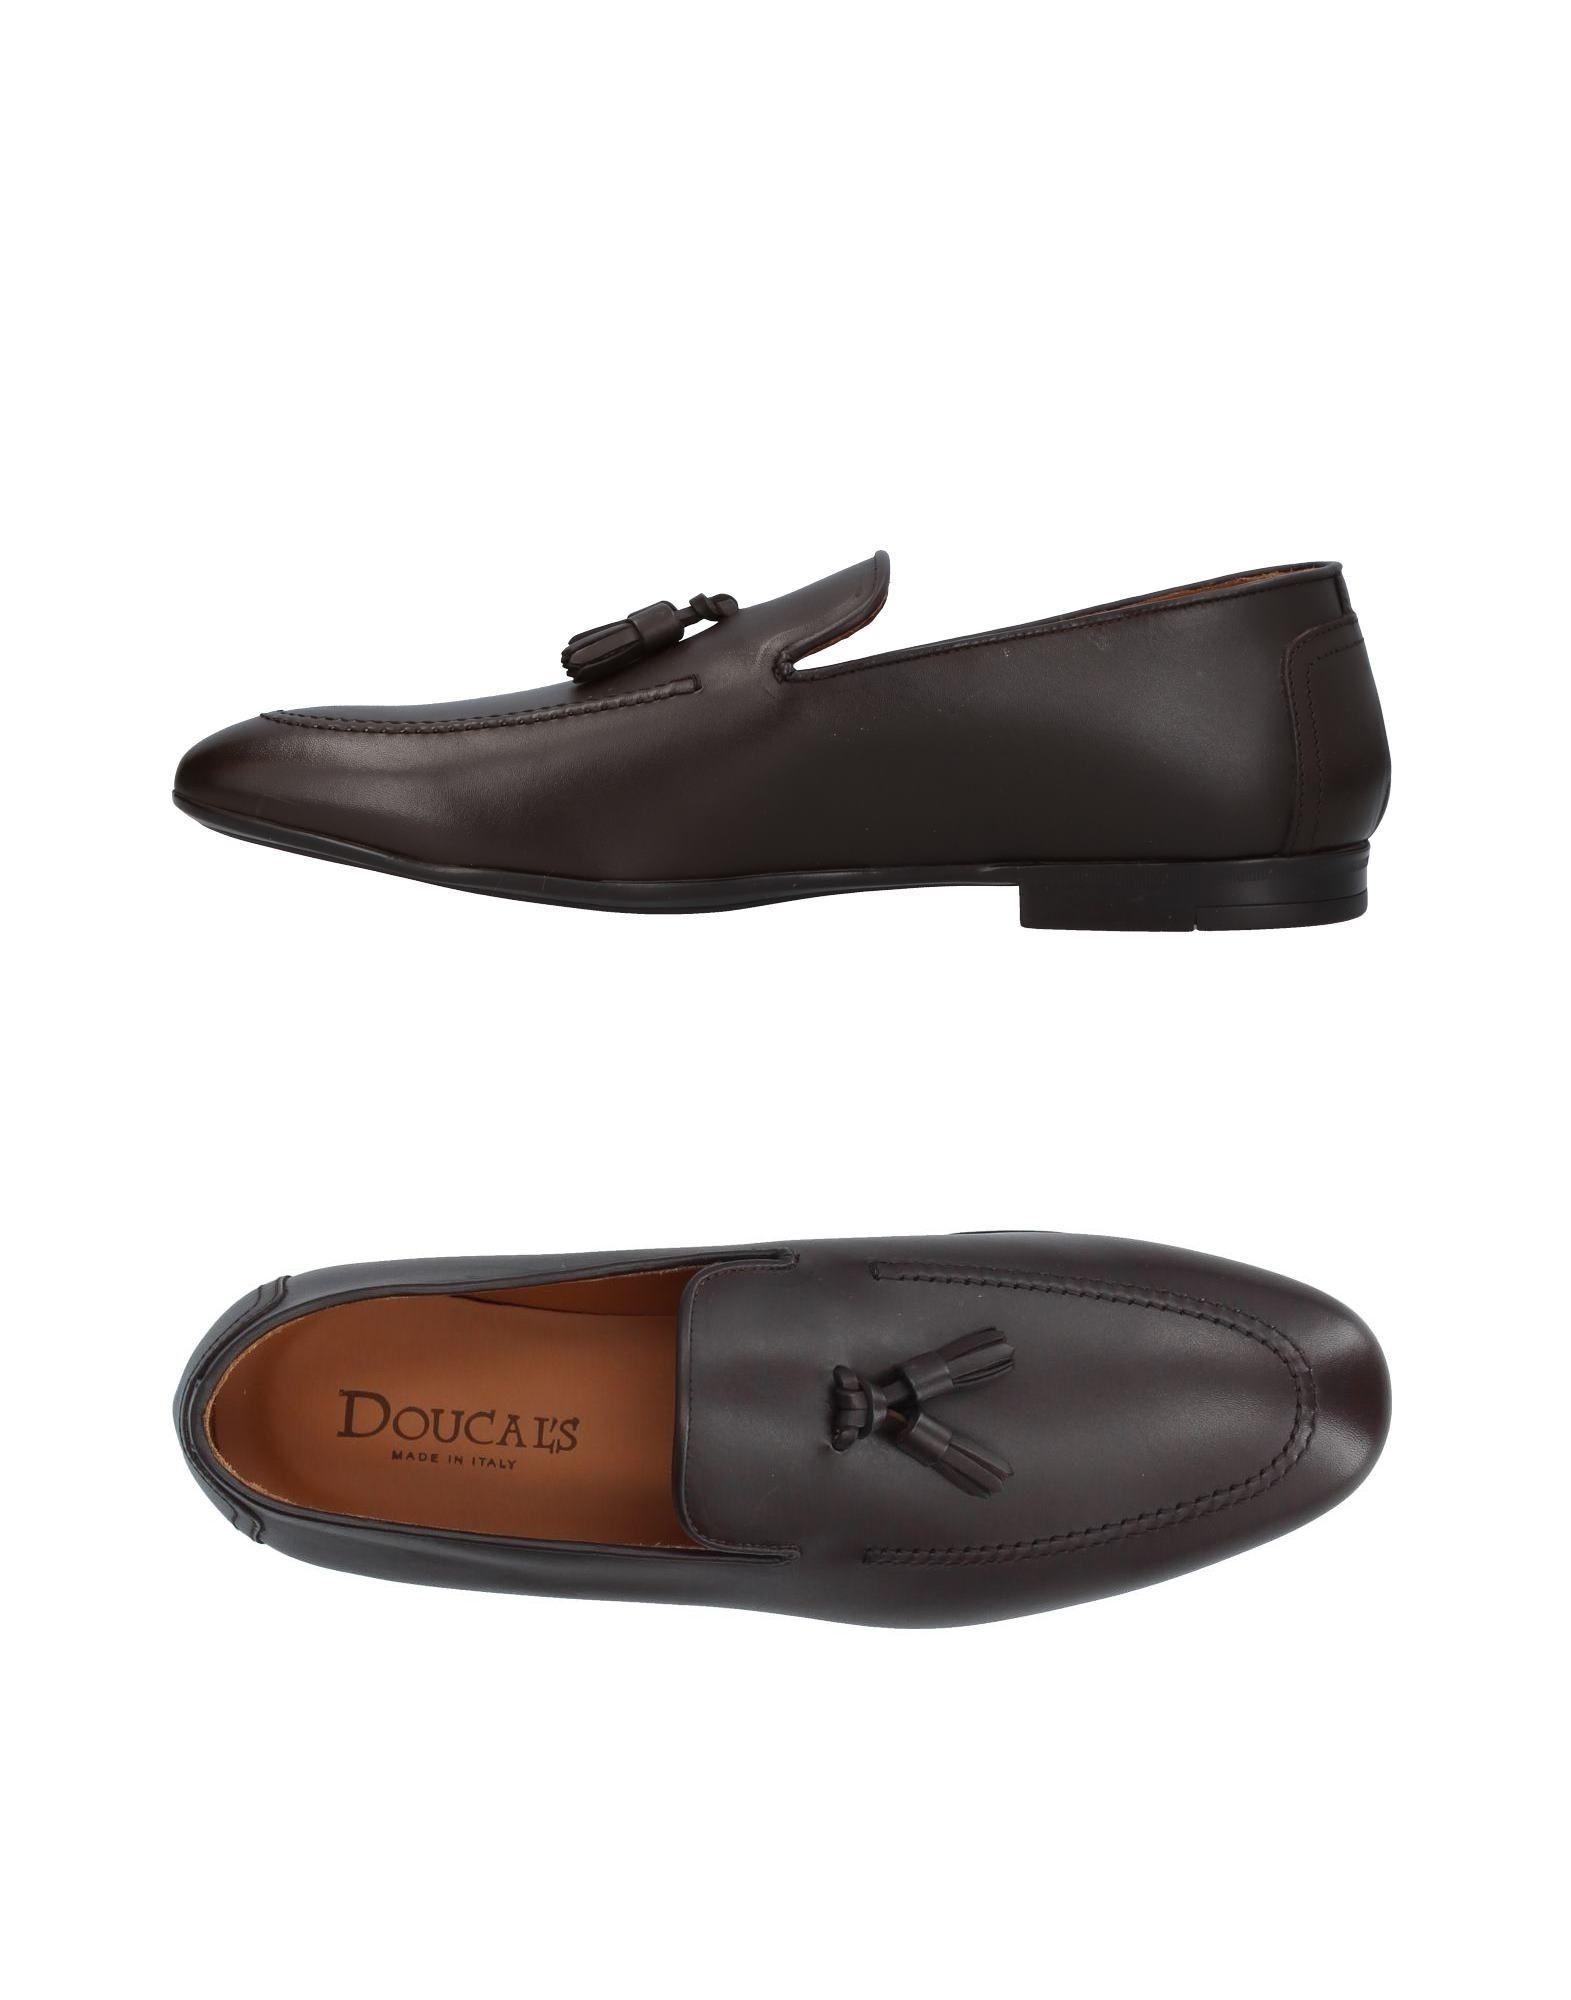 Doucal's Mokassins Herren  11404894LI Gute Qualität beliebte Schuhe